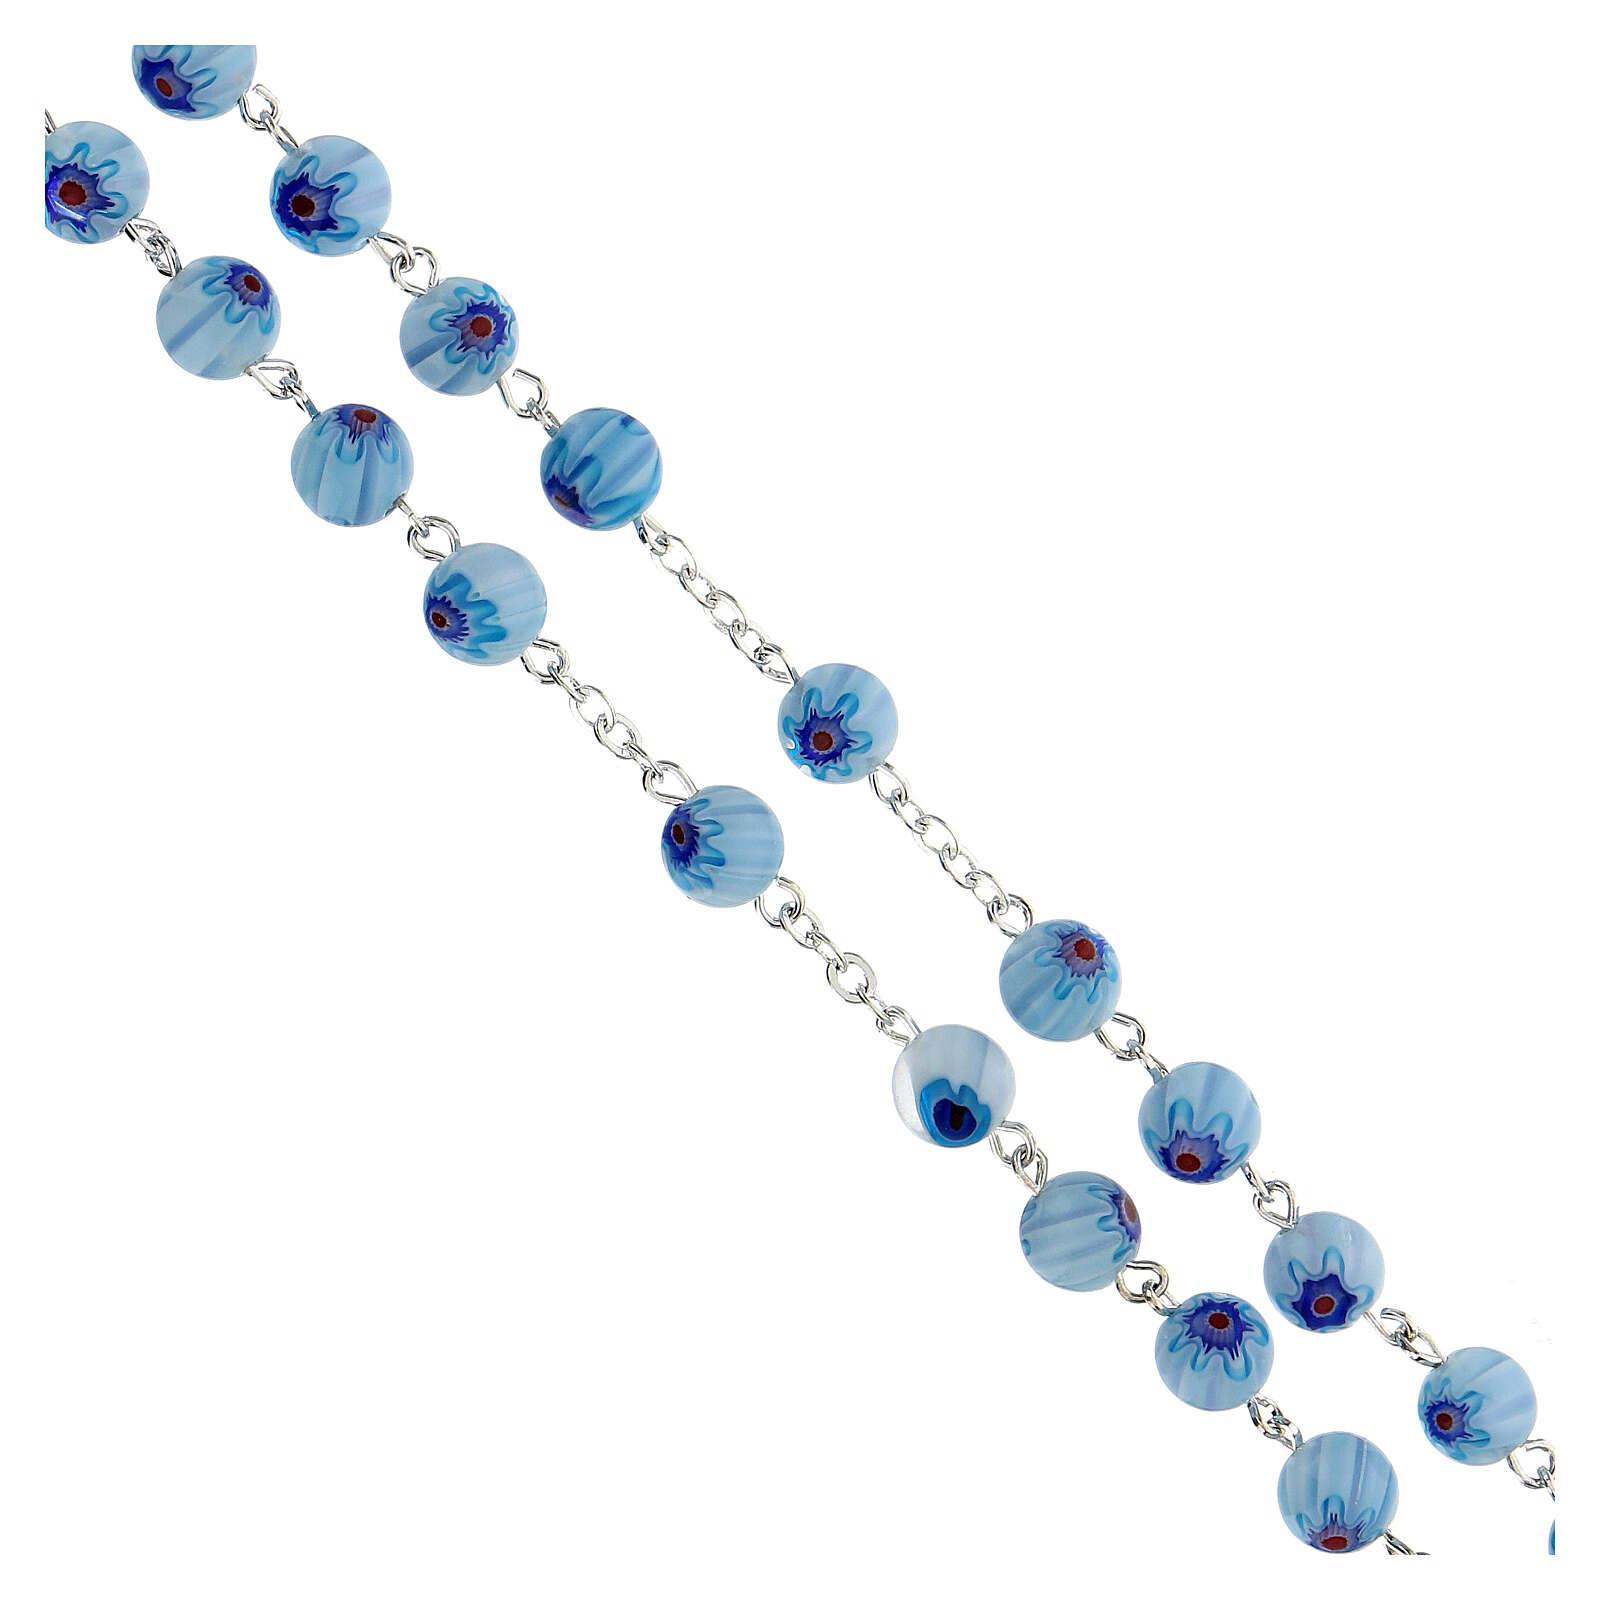 Rosario in vetro stile murrina color acqua con motivi floreali 8 mm 4